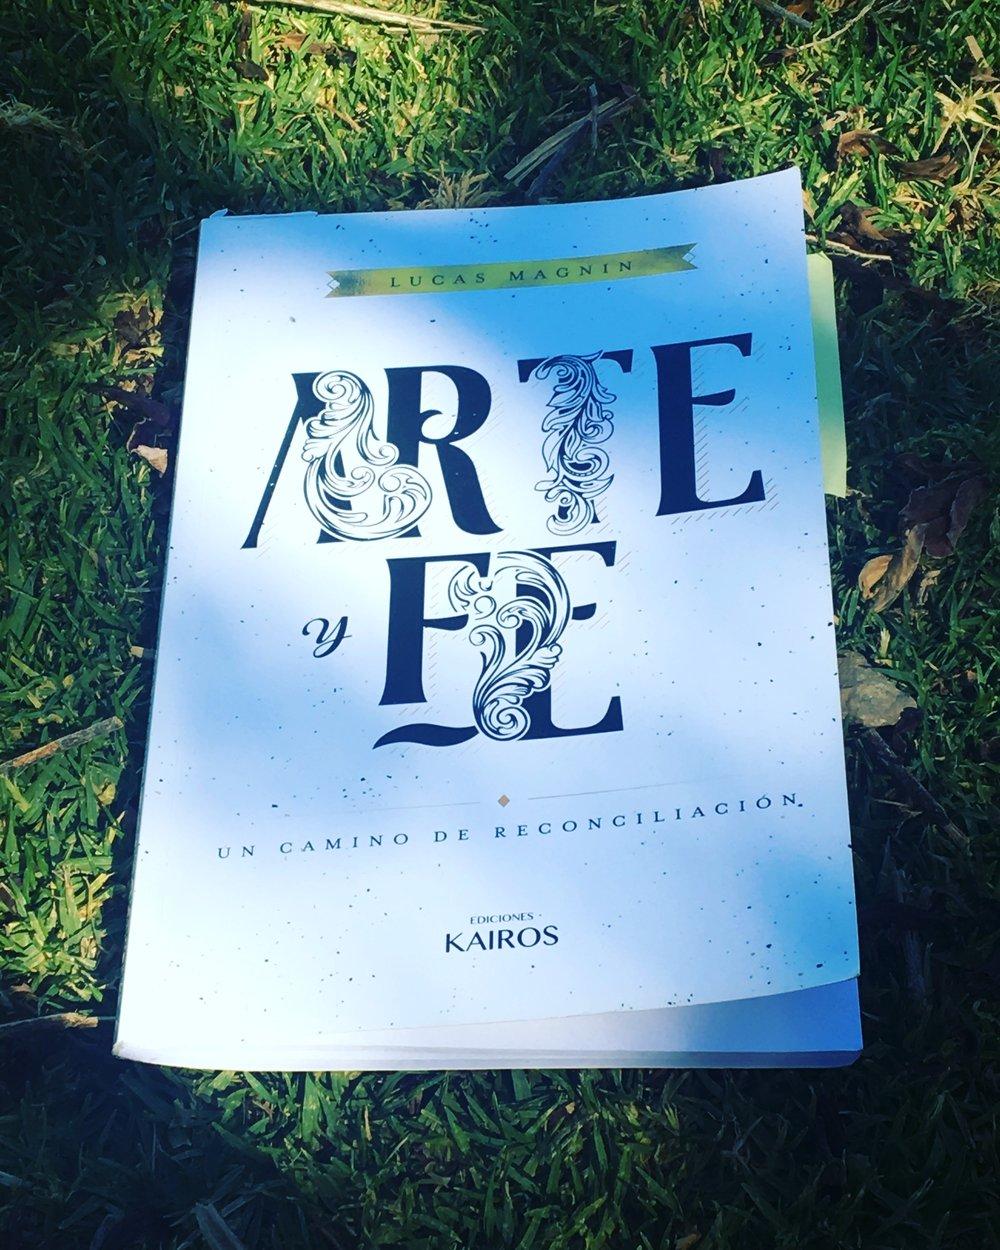 Lucas Magnin. (2016). Arte y fe. Un camino de reconciliación . Buenos Aires: Ediciones Kairós.